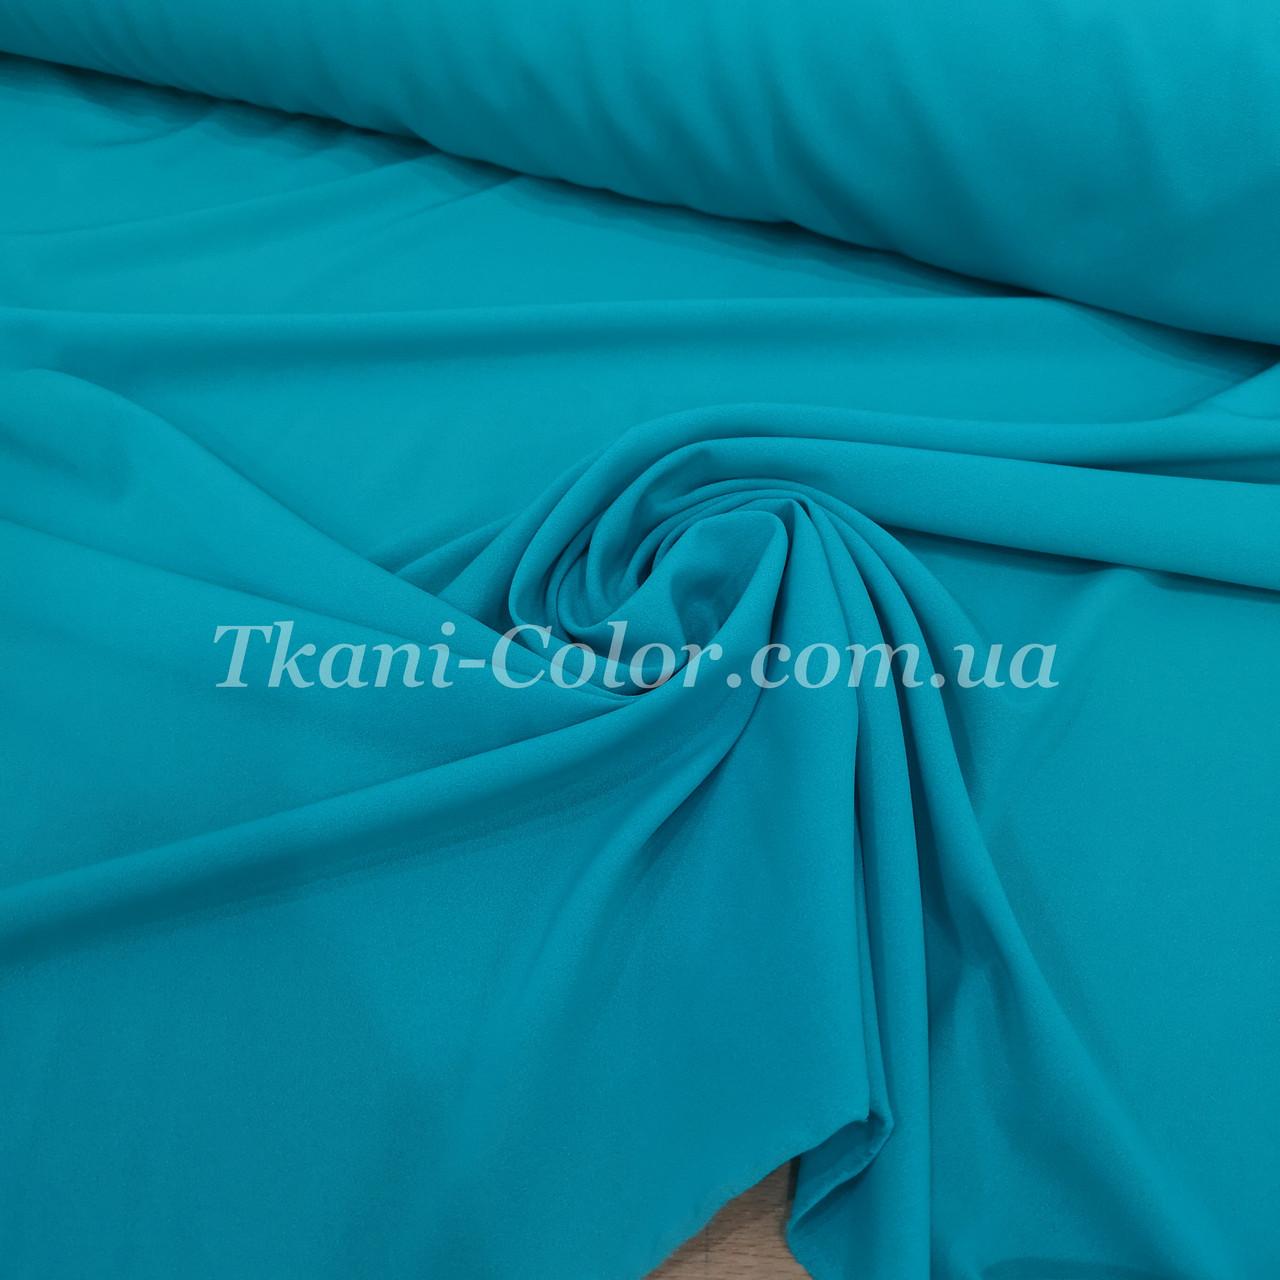 Ткань креп-шифон голубая бирюза